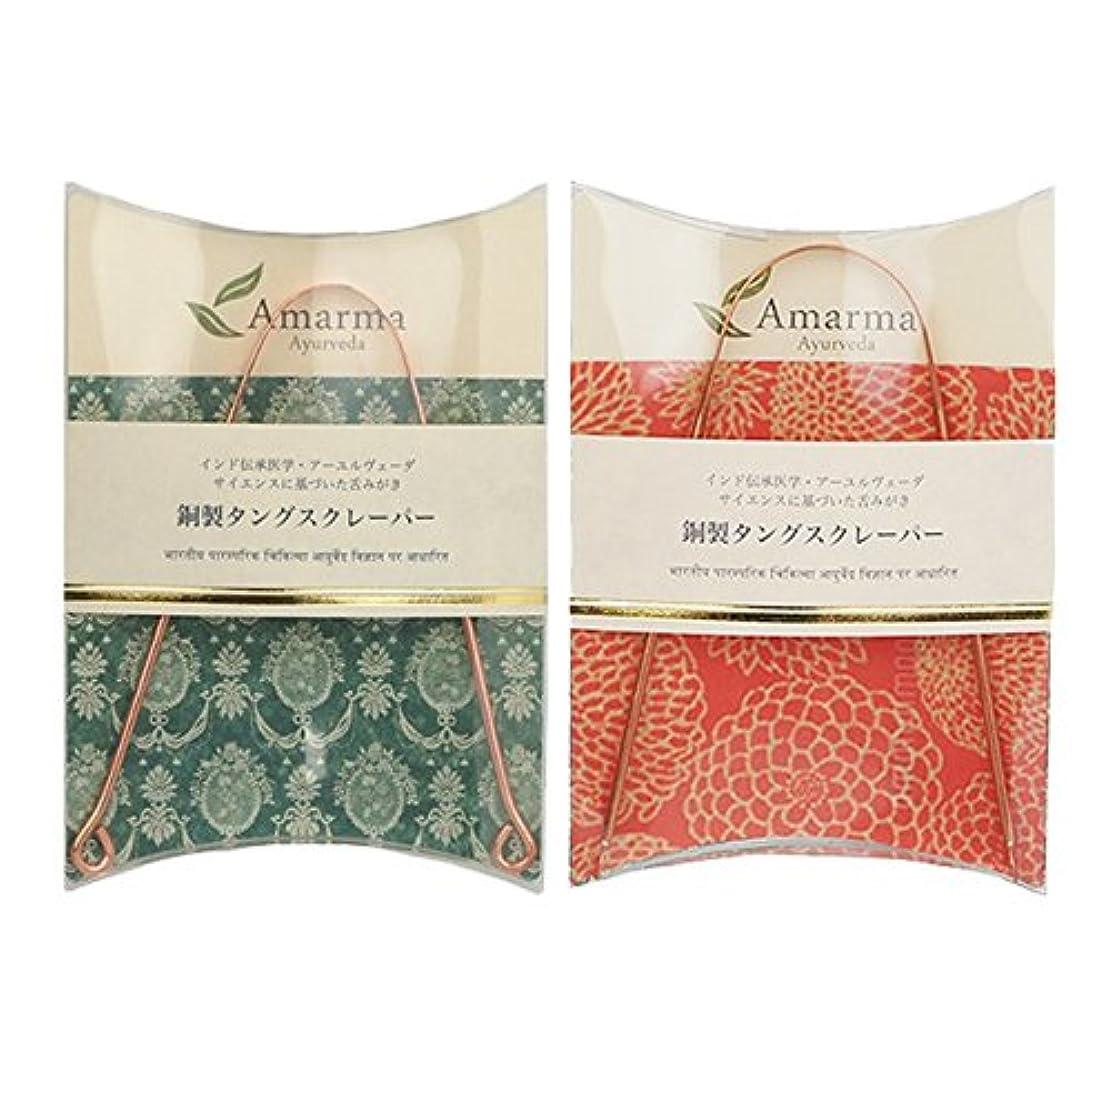 慰めアコー昆虫銅製タングスクレーパー(舌みがき) インド製+日本製 2個セット